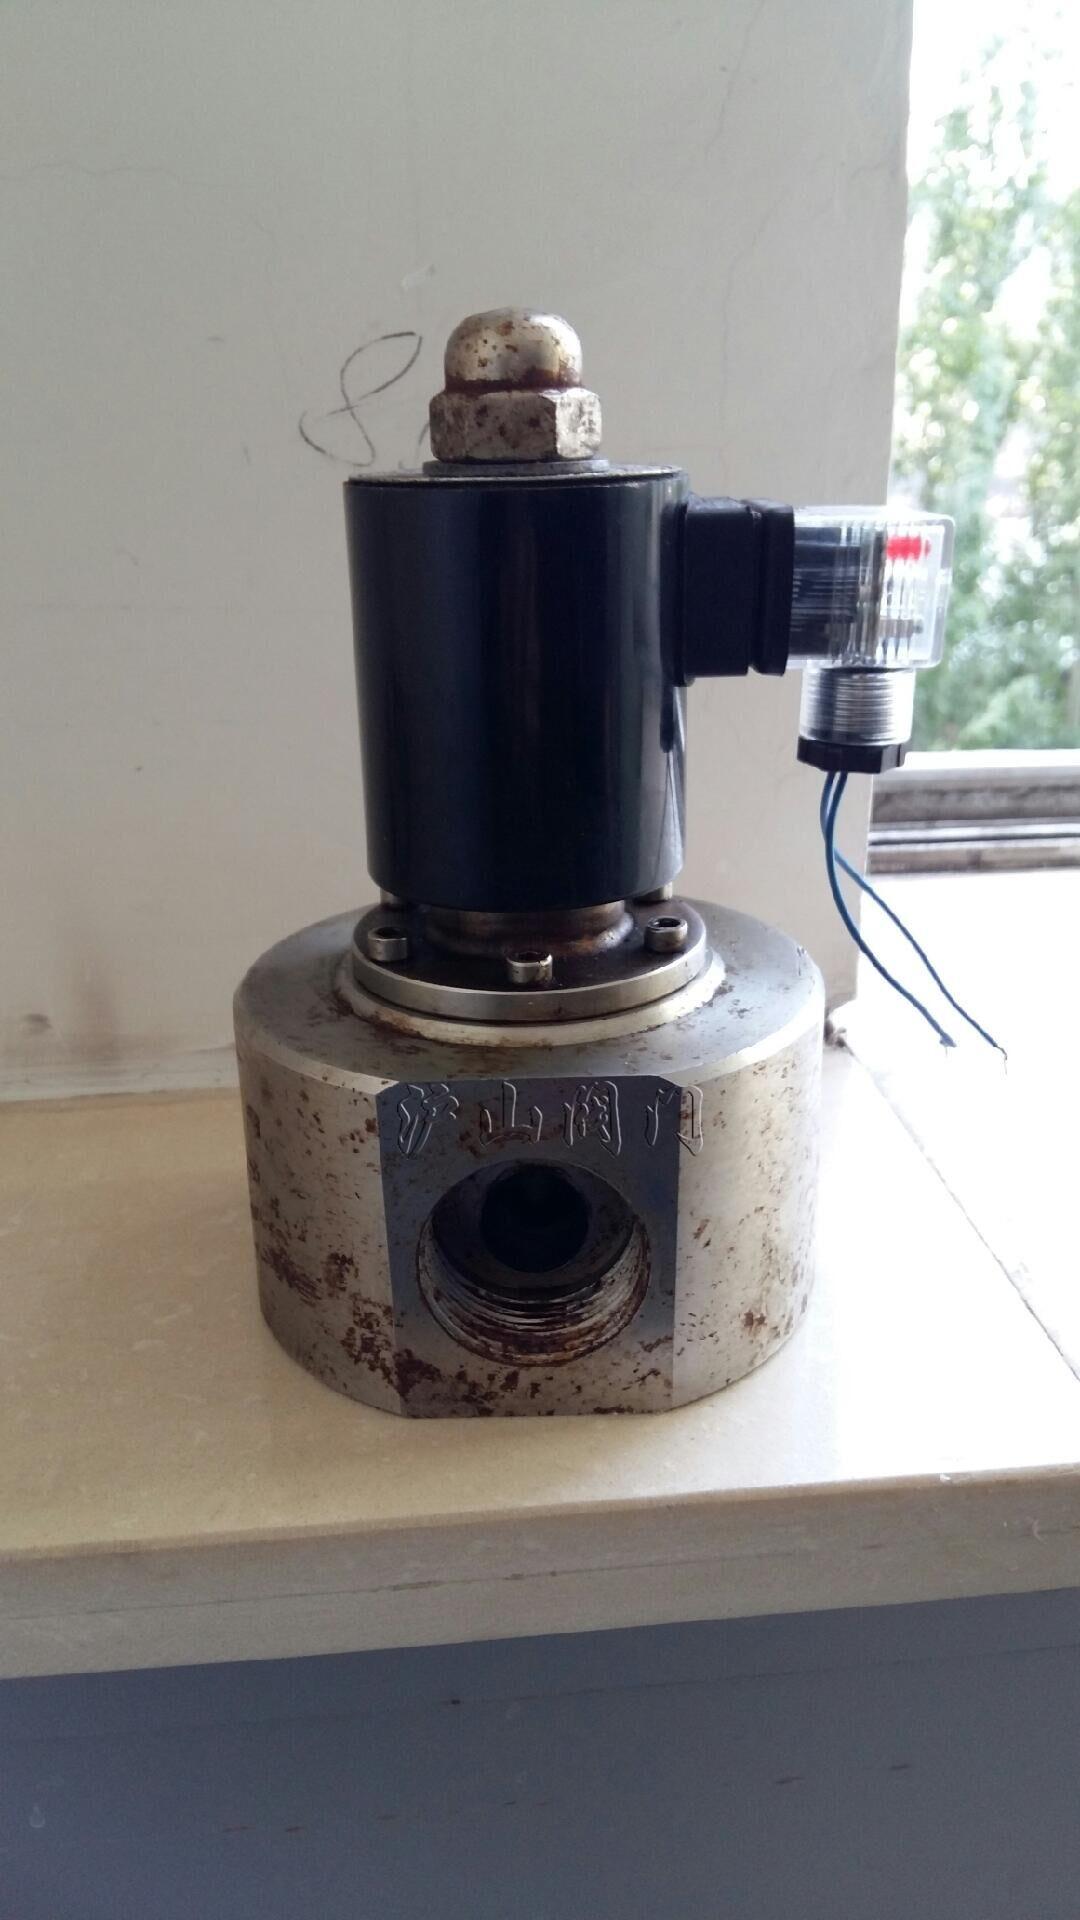 二、 ZCPY超高压电磁阀结构原理: 本阀是由副阀和主阀两大部件构成的先导式二次开阀的电磁阀,是靠副阀的启闭来控制主阀的通断。根据断电时所处开关状态的不同,可分为常闭电磁阀和常开电磁阀。 常闭电磁阀,在断电常位时,副阀口封闭,主阀呈断路,当电讯号进入导阀线圈时,活动铁芯受电磁力作用吸上打开副阀口,主阀阀杯内压力迅速消失,介质压力将主阀杯托上,开启主阀口,工作介质便可流通。但当电讯号消失时,靠主阀弹簧、阀杯自重及介质压力使阀杯下移,严密封主阀口,阀门呈关闭状态。当主阀断电时,电磁力消失,副阀打开,主阀杯内